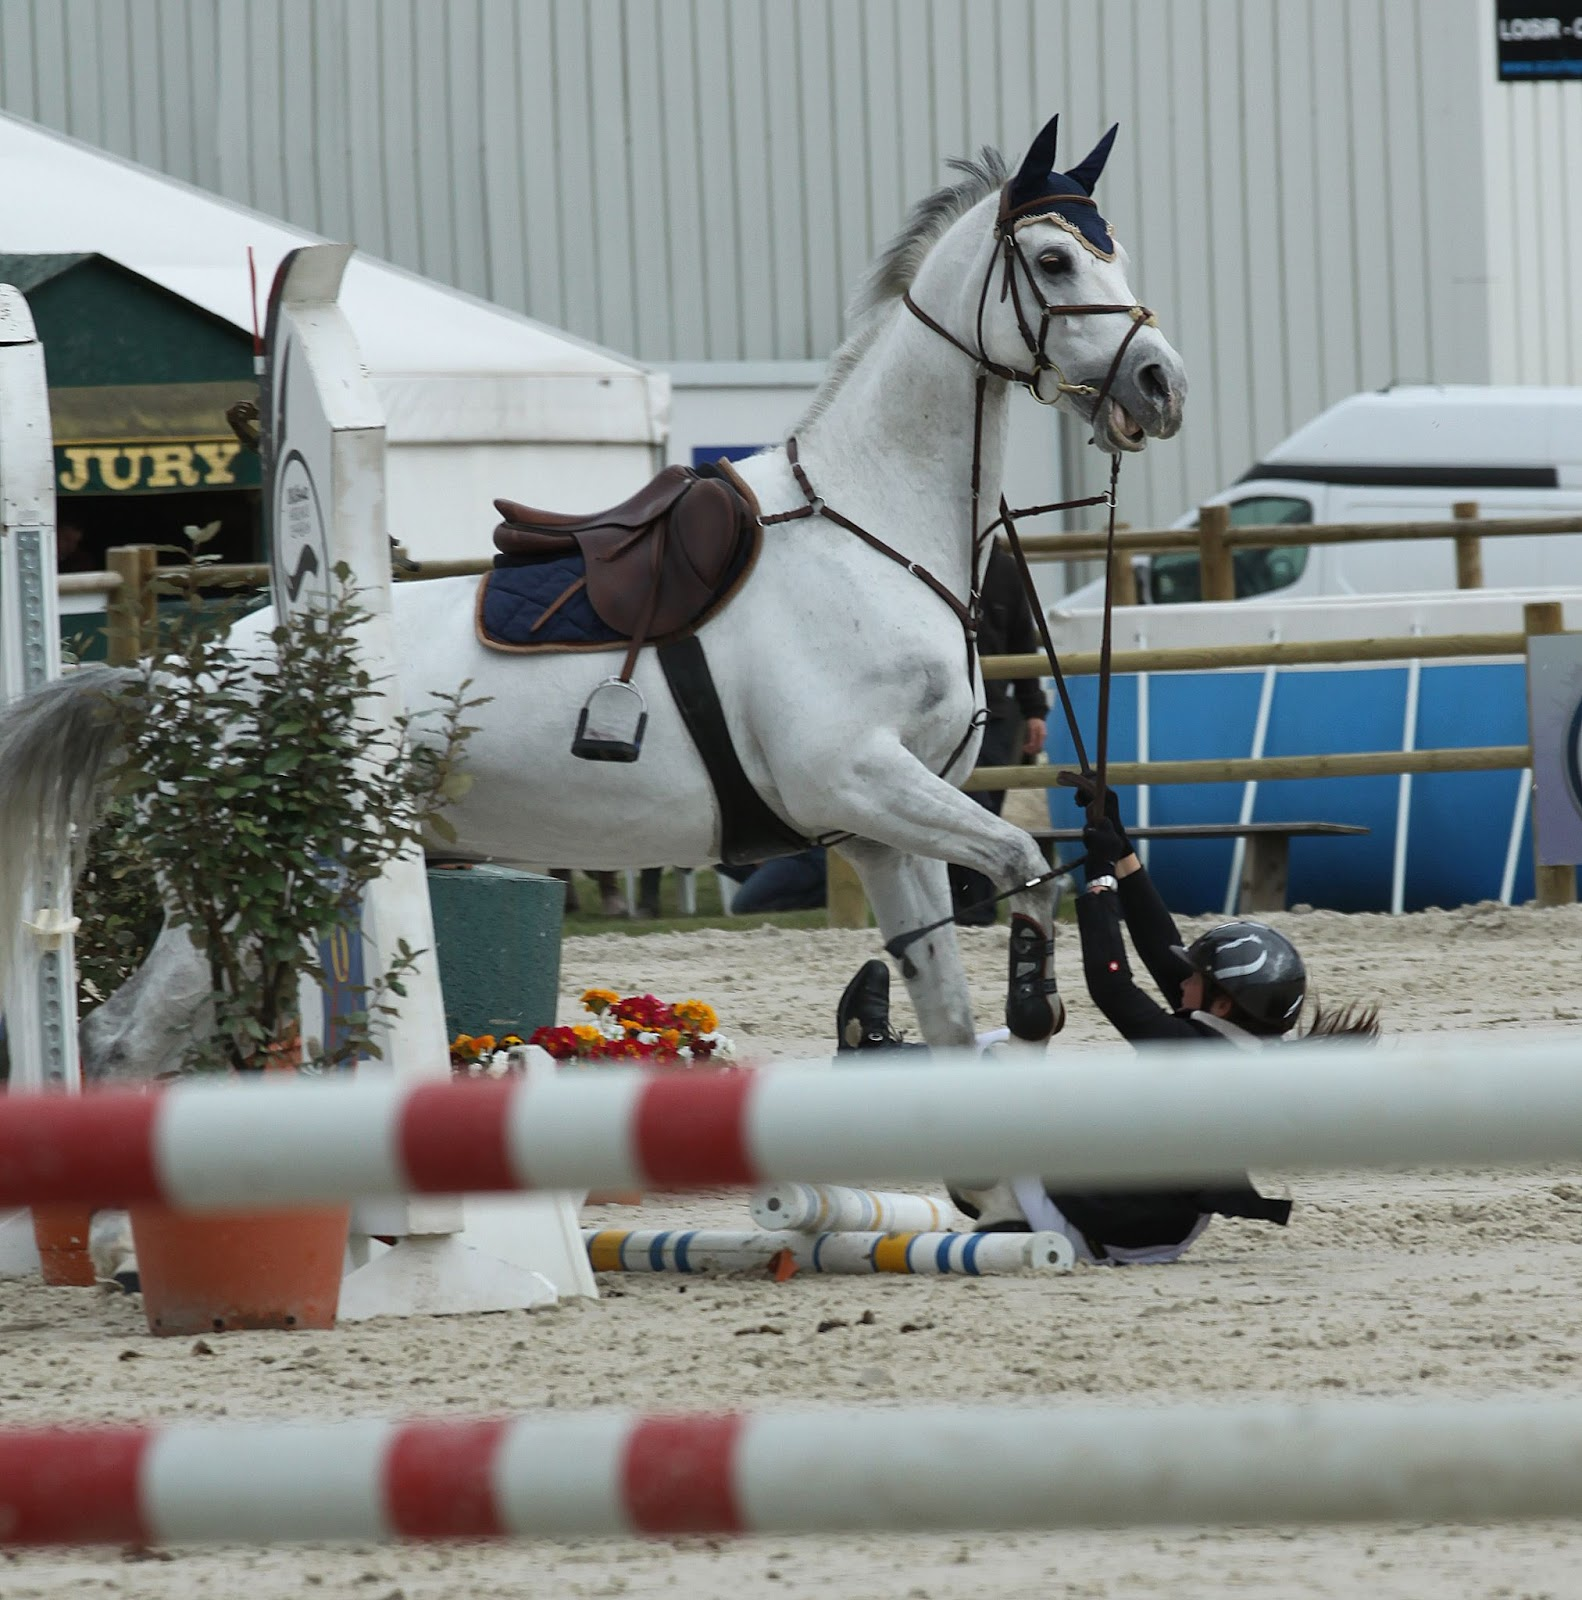 chute cheval changer casque équitation